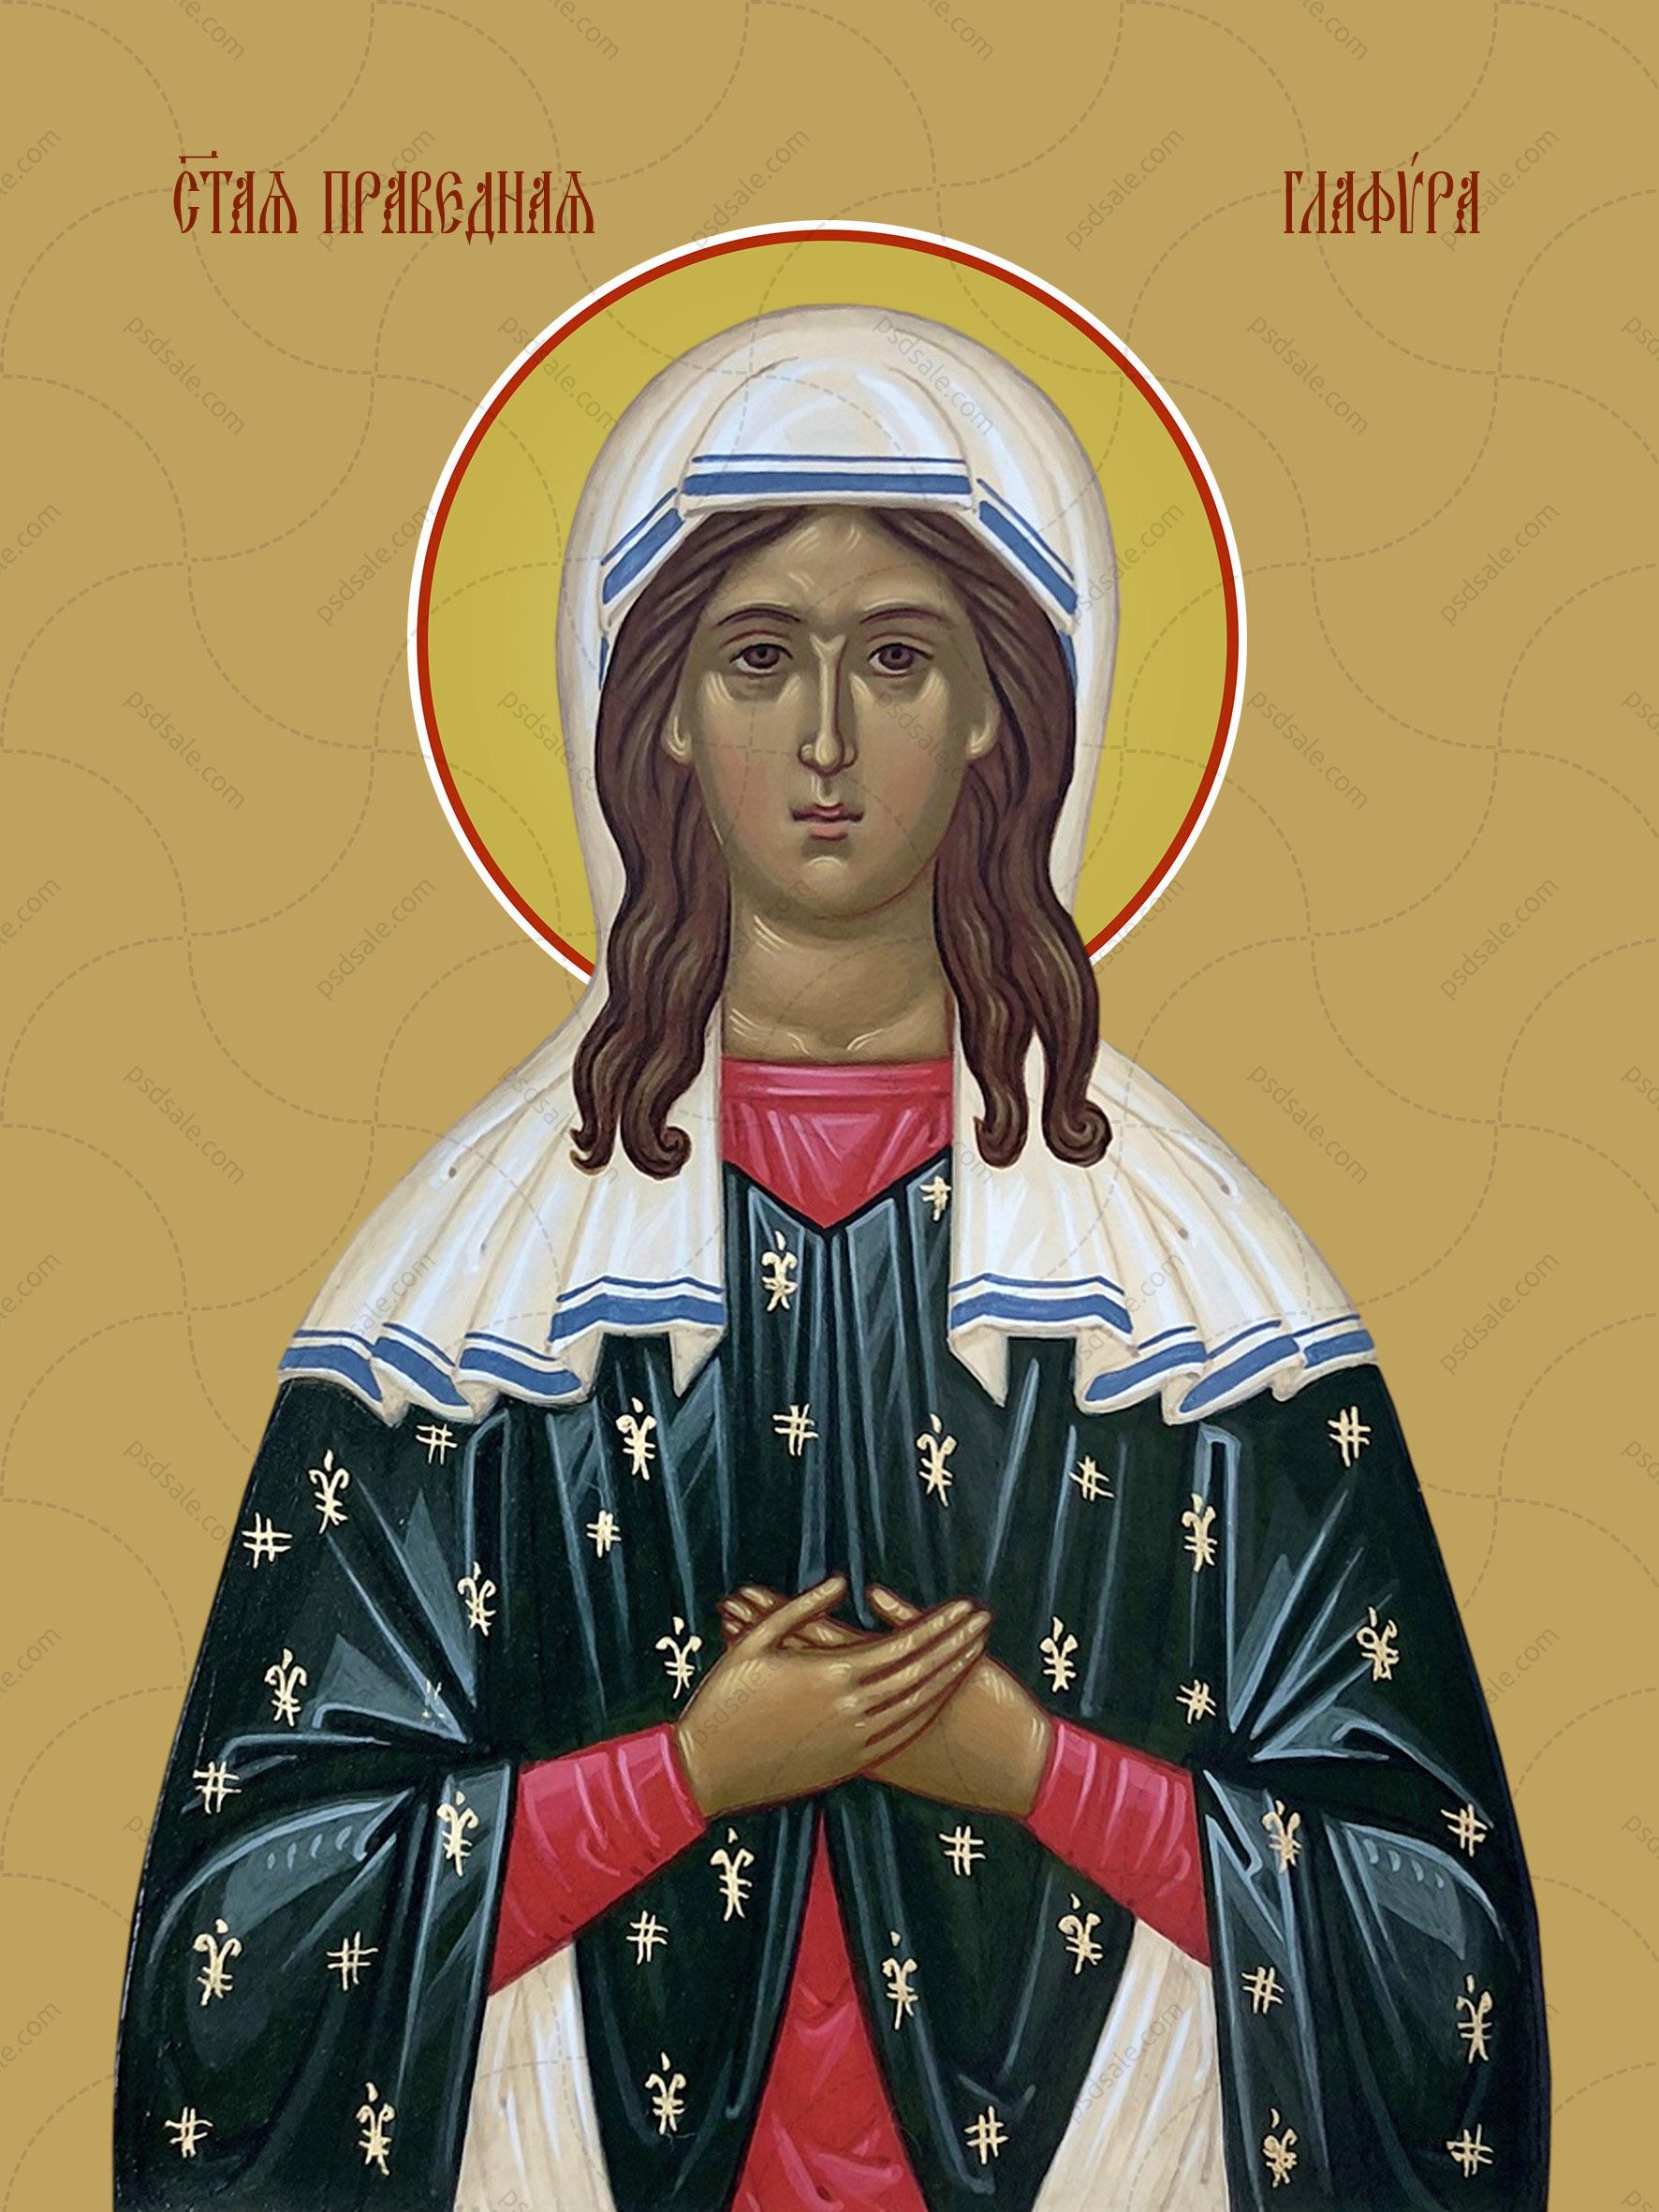 Глафира, святая праведная